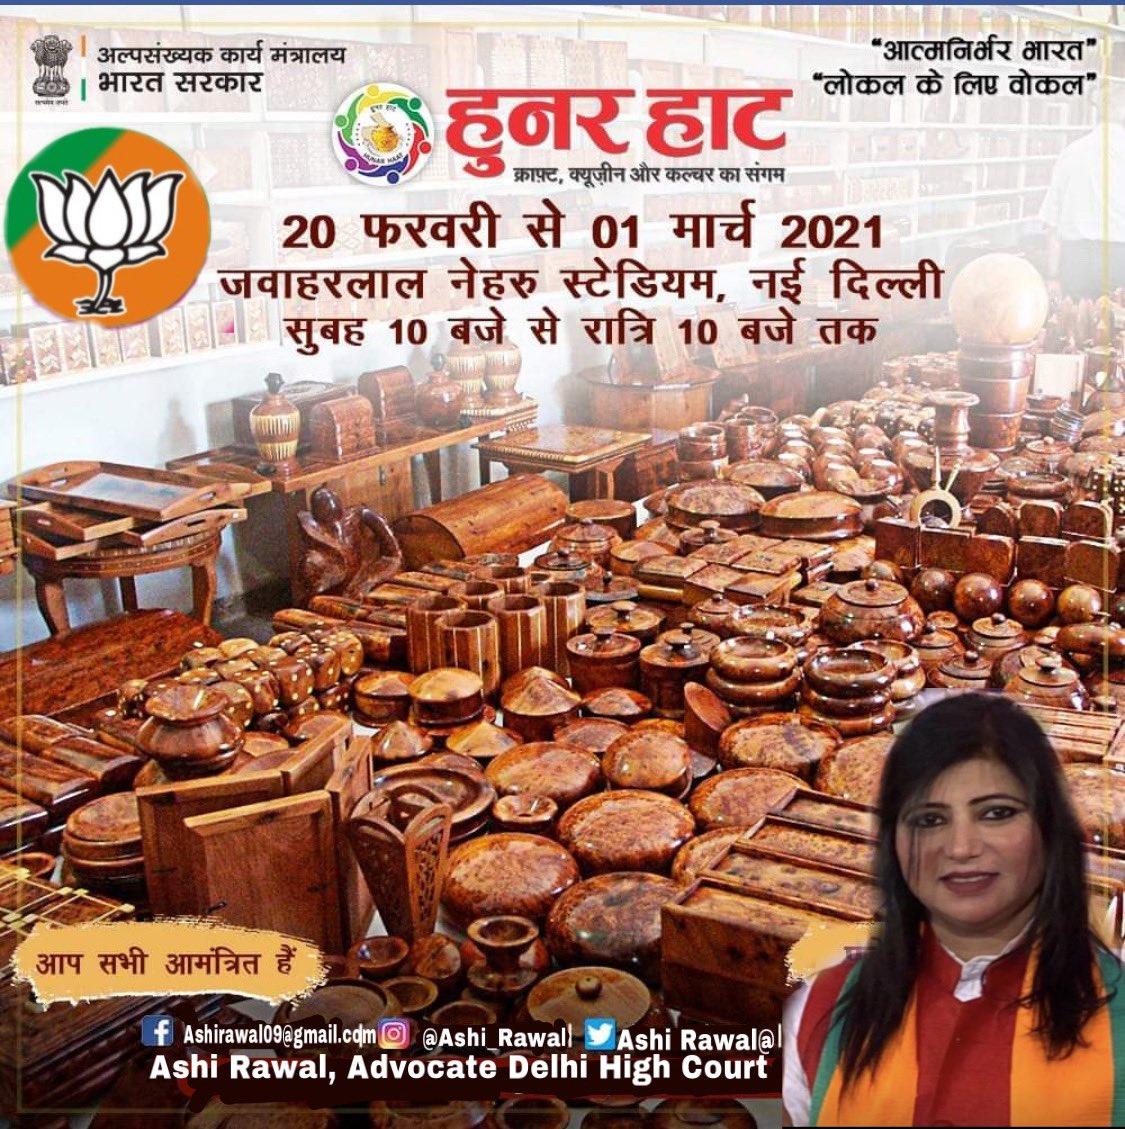 26 वां @hunarhaat दिल्ली के जवाहरलाल नेहरू स्टेडियम में हो रहा है, 20 फरवरी से 1 मार्च तक। सुबह 10 बजे से रात्रि 10 बजे तक। आप सभी आमंत्रित हैं। प्रवेश निःशुल्क।  @narendramodi @HunarHaat @AatmanirbharBharat @VocalForLocal #delhi #adeshguptabjp #BJP4Delhi #MukhtarAbbasNaqvi